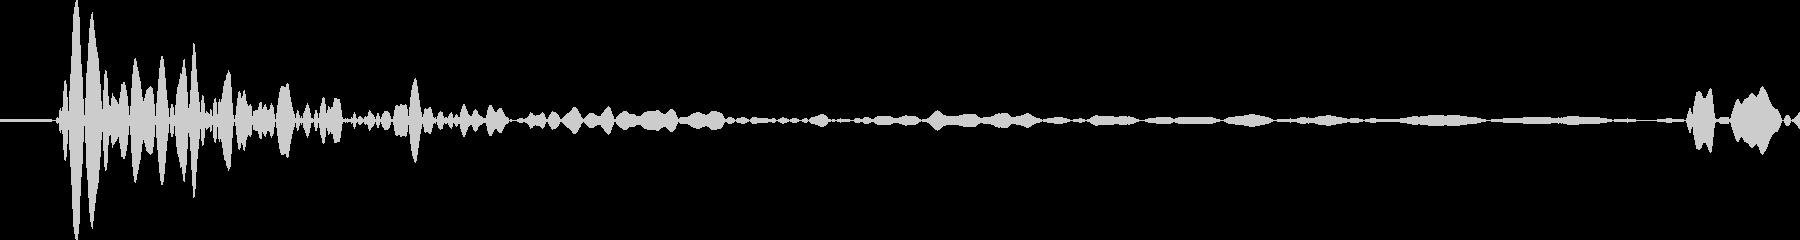 タッ (足音)の未再生の波形